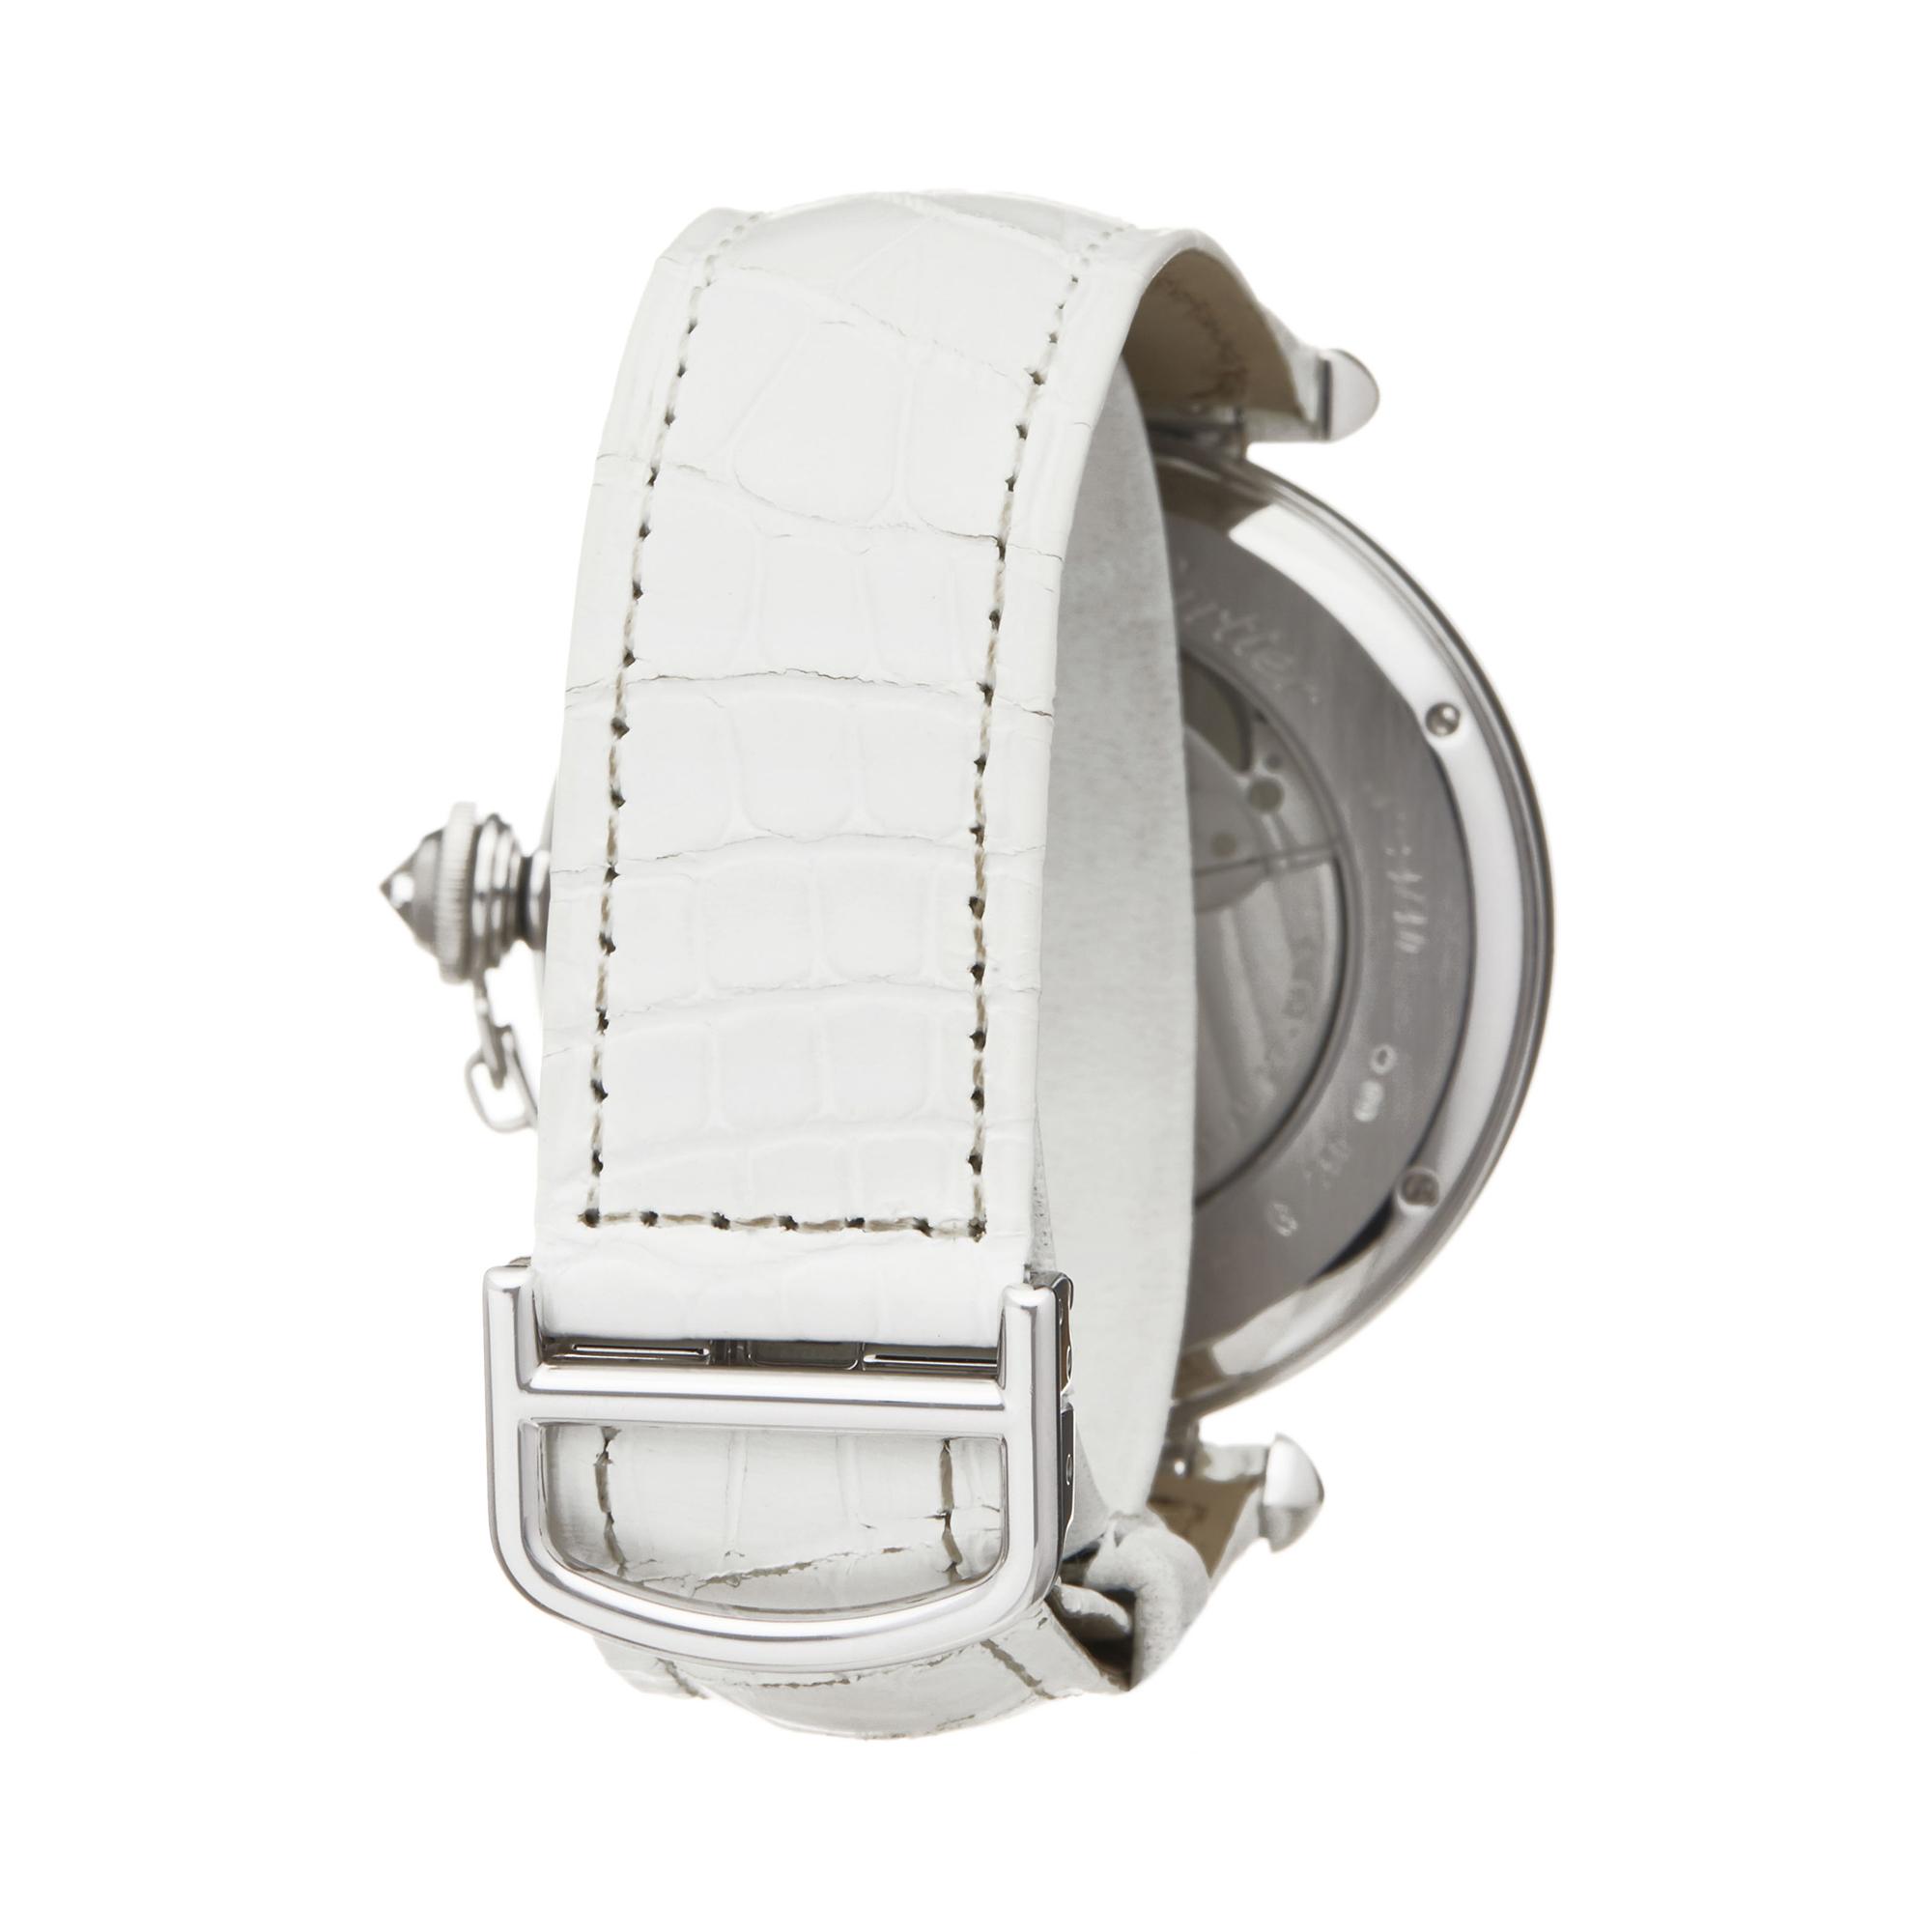 Cartier Pasha de Cartier Enamel Dial 18k White Gold - 3142L - Image 4 of 7